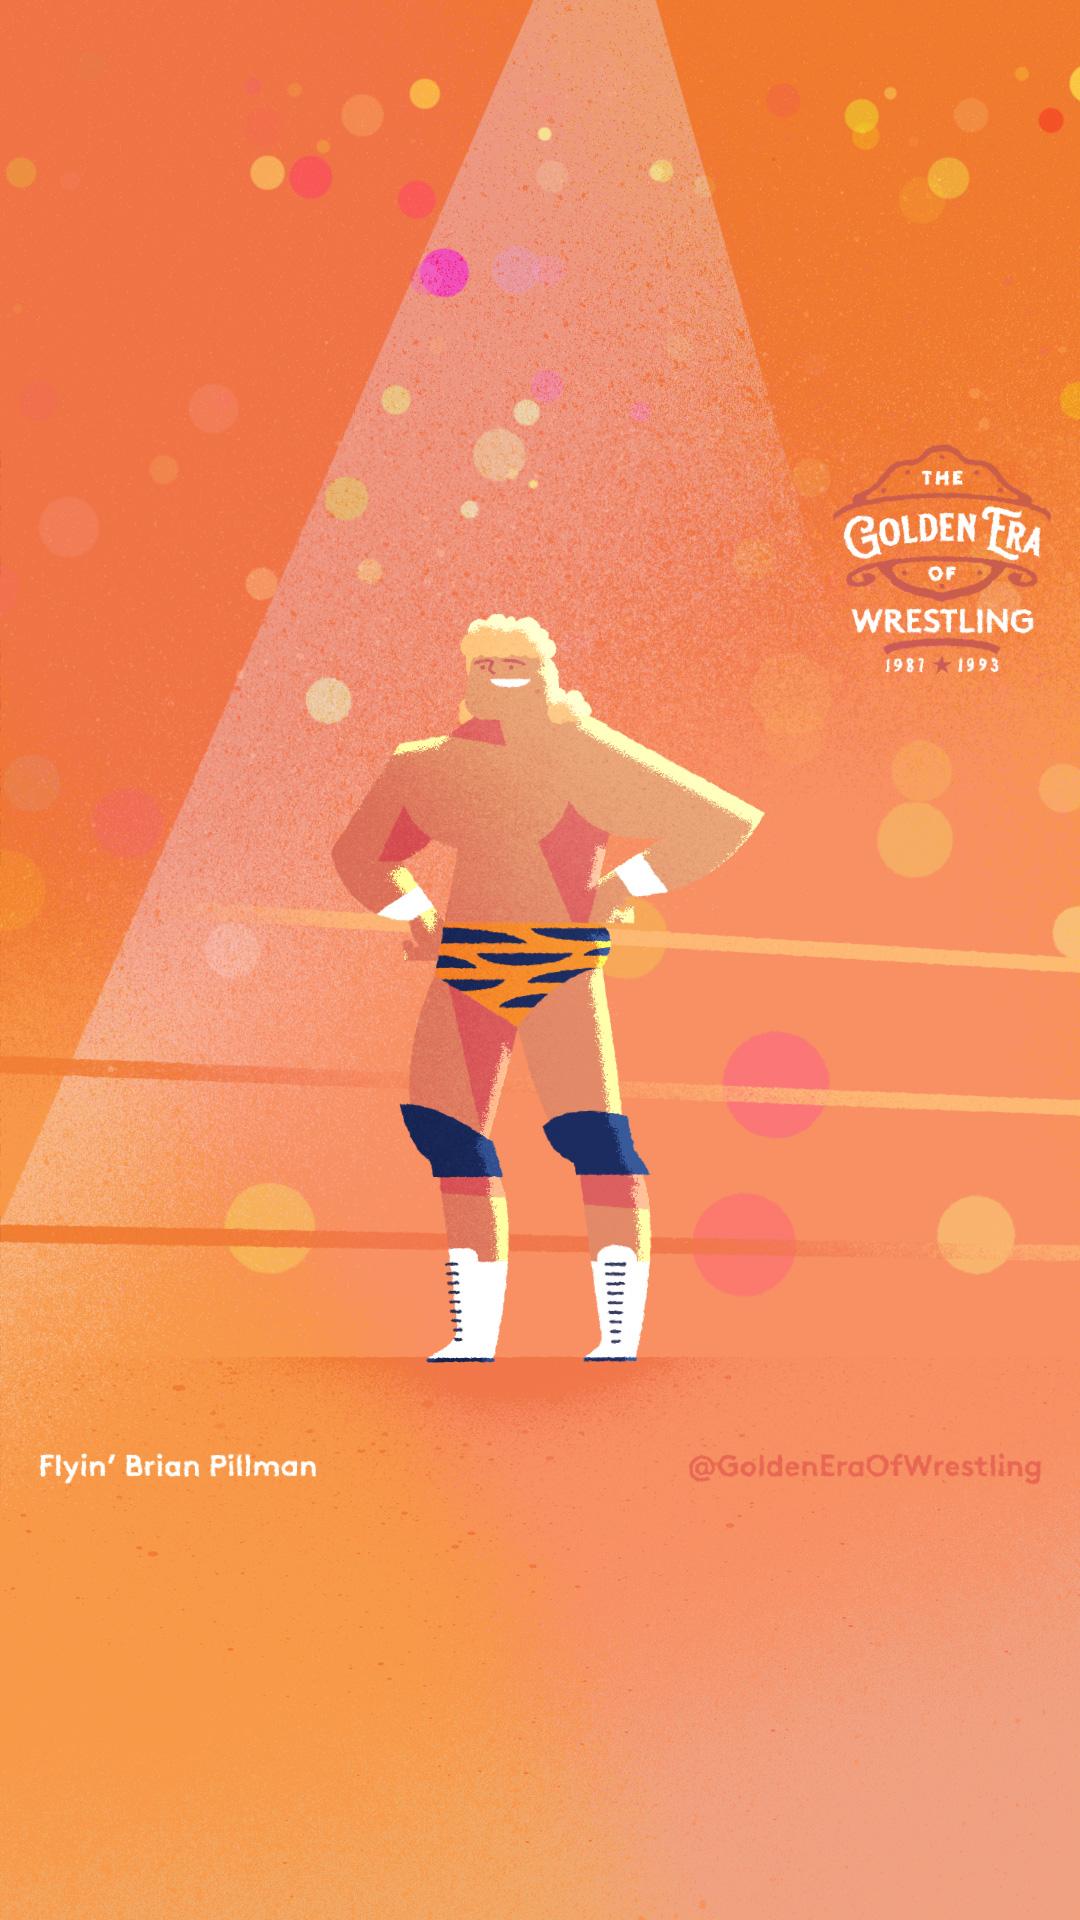 50 - Flyin' Brian Pillman.jpg